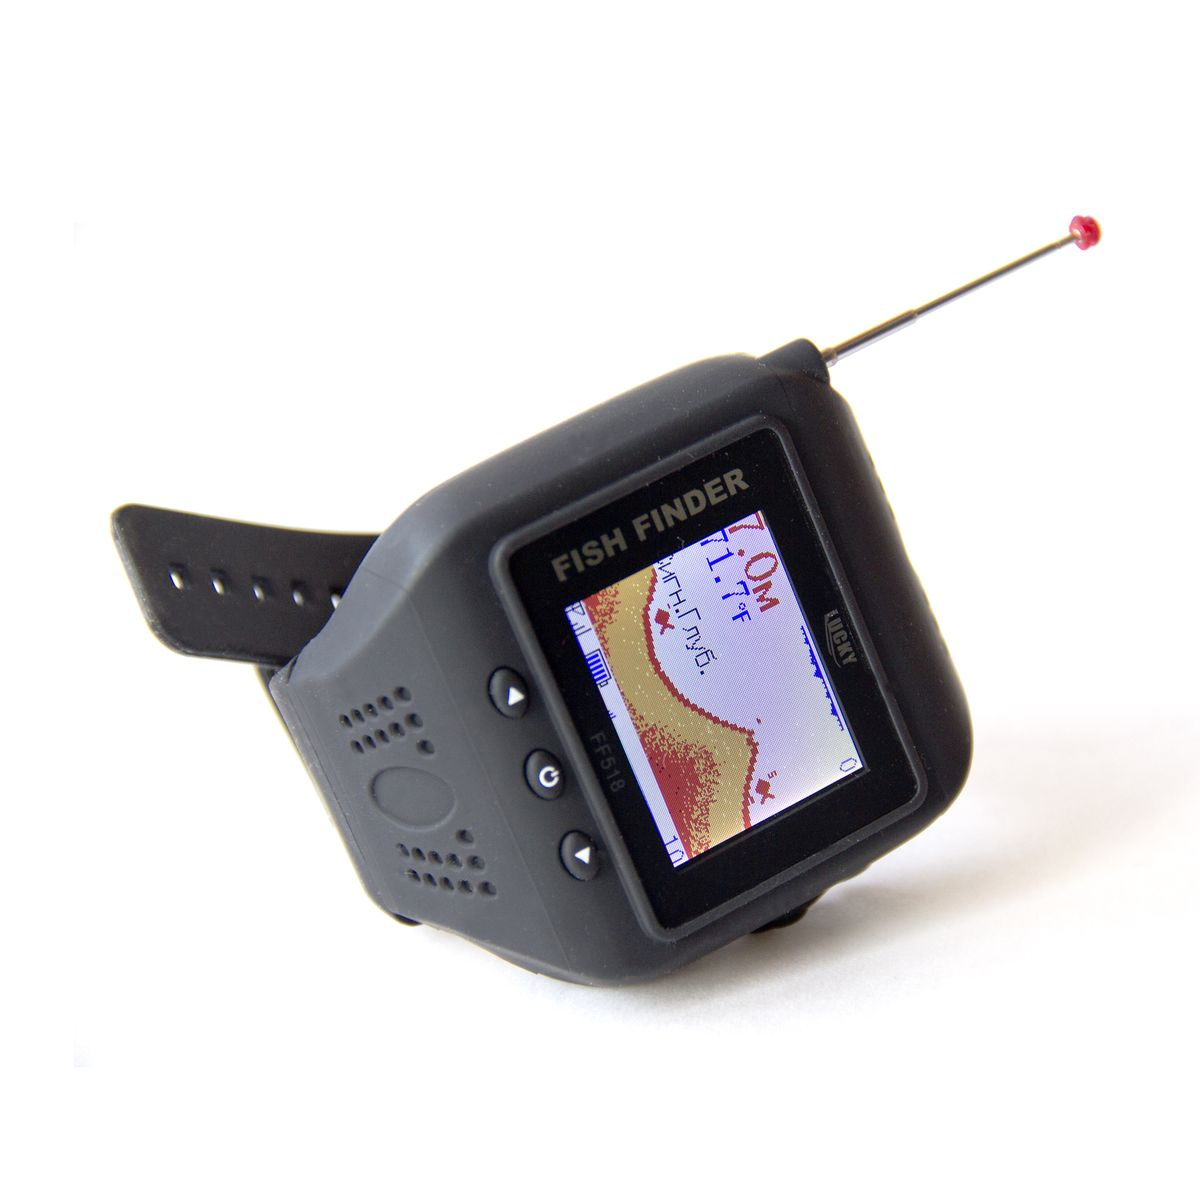 Эхолот Lucky FF518, с функцией часов - Рыбалка